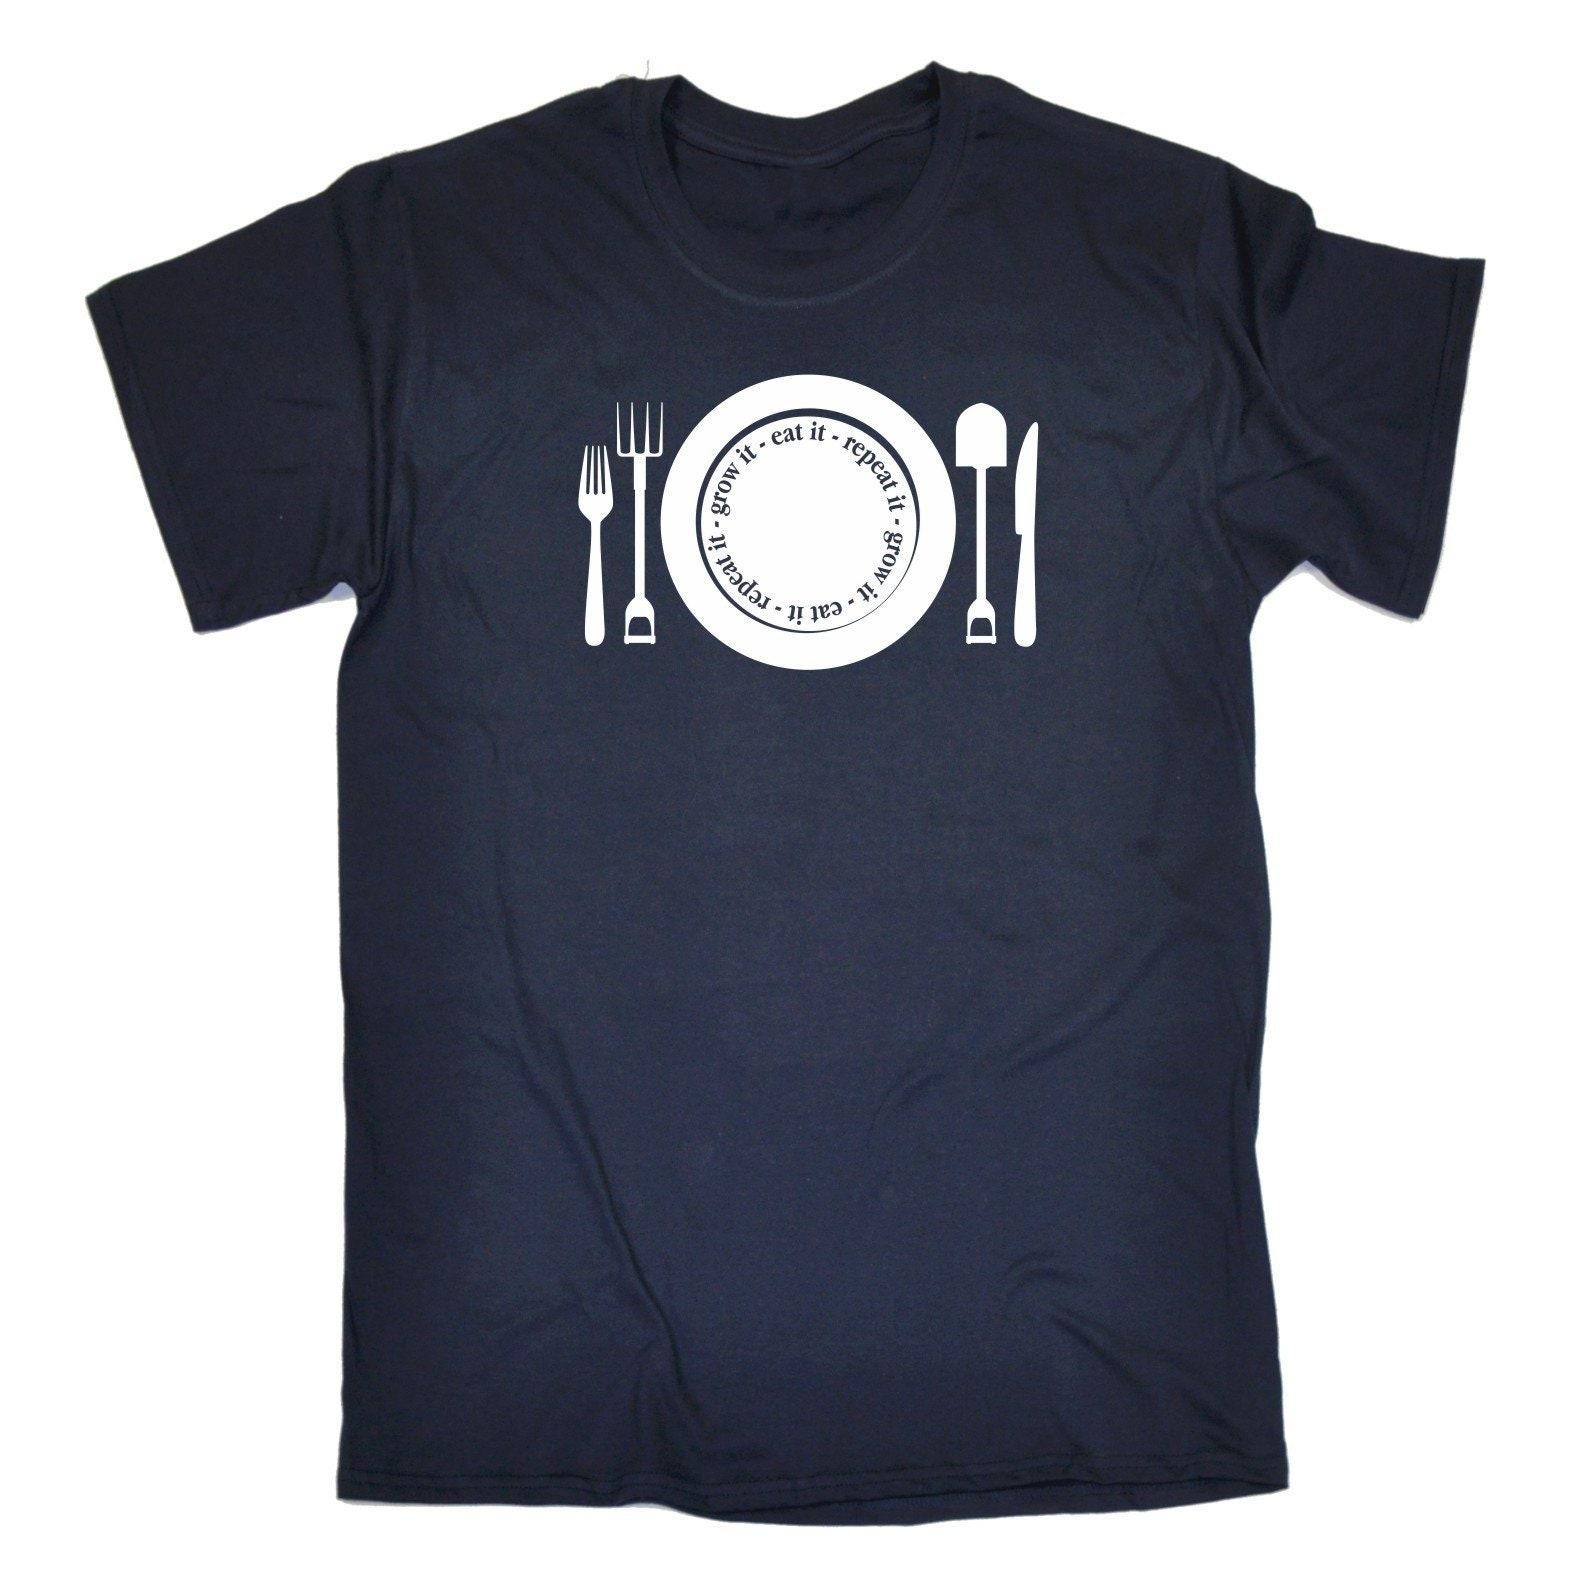 123t hommes poussent il manger T-Shirt répéter T-Shirt manger Tee Tshirt T Shirts nouveauté drôle cadeau d'anniversaire cadeau de Noël 7e56ec